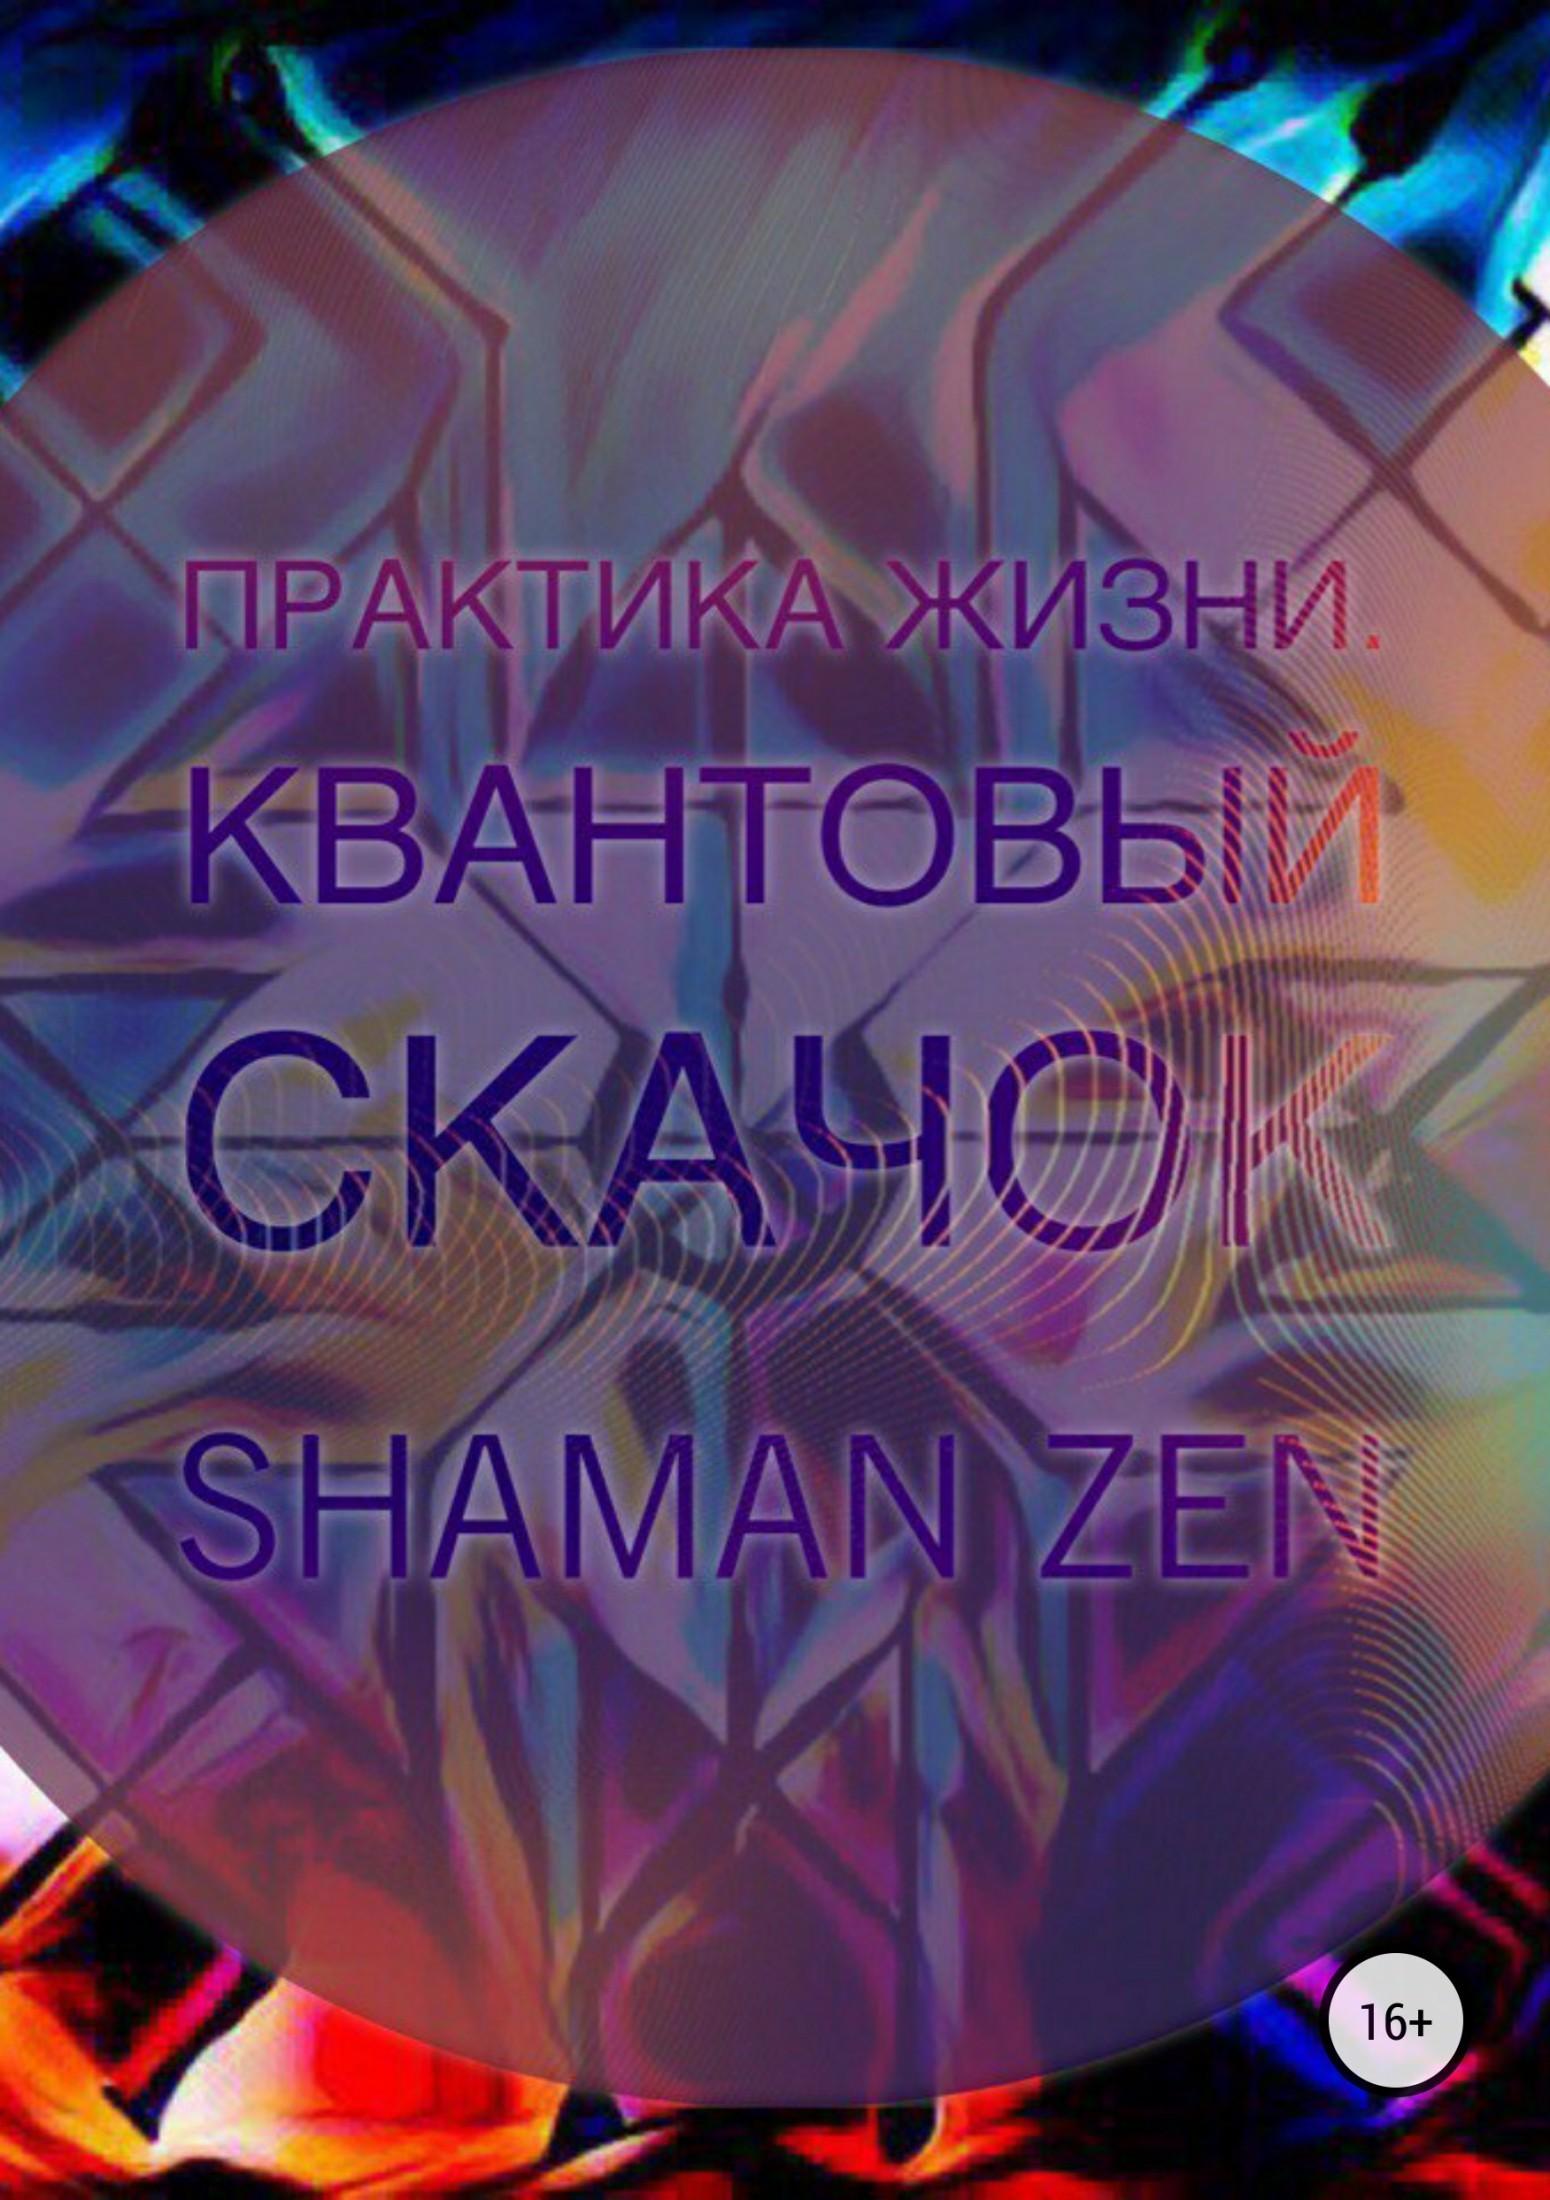 Shaman ZEN Практика Жизни. Квантовый Скачок дзен квантовый скачок от ума к не уму